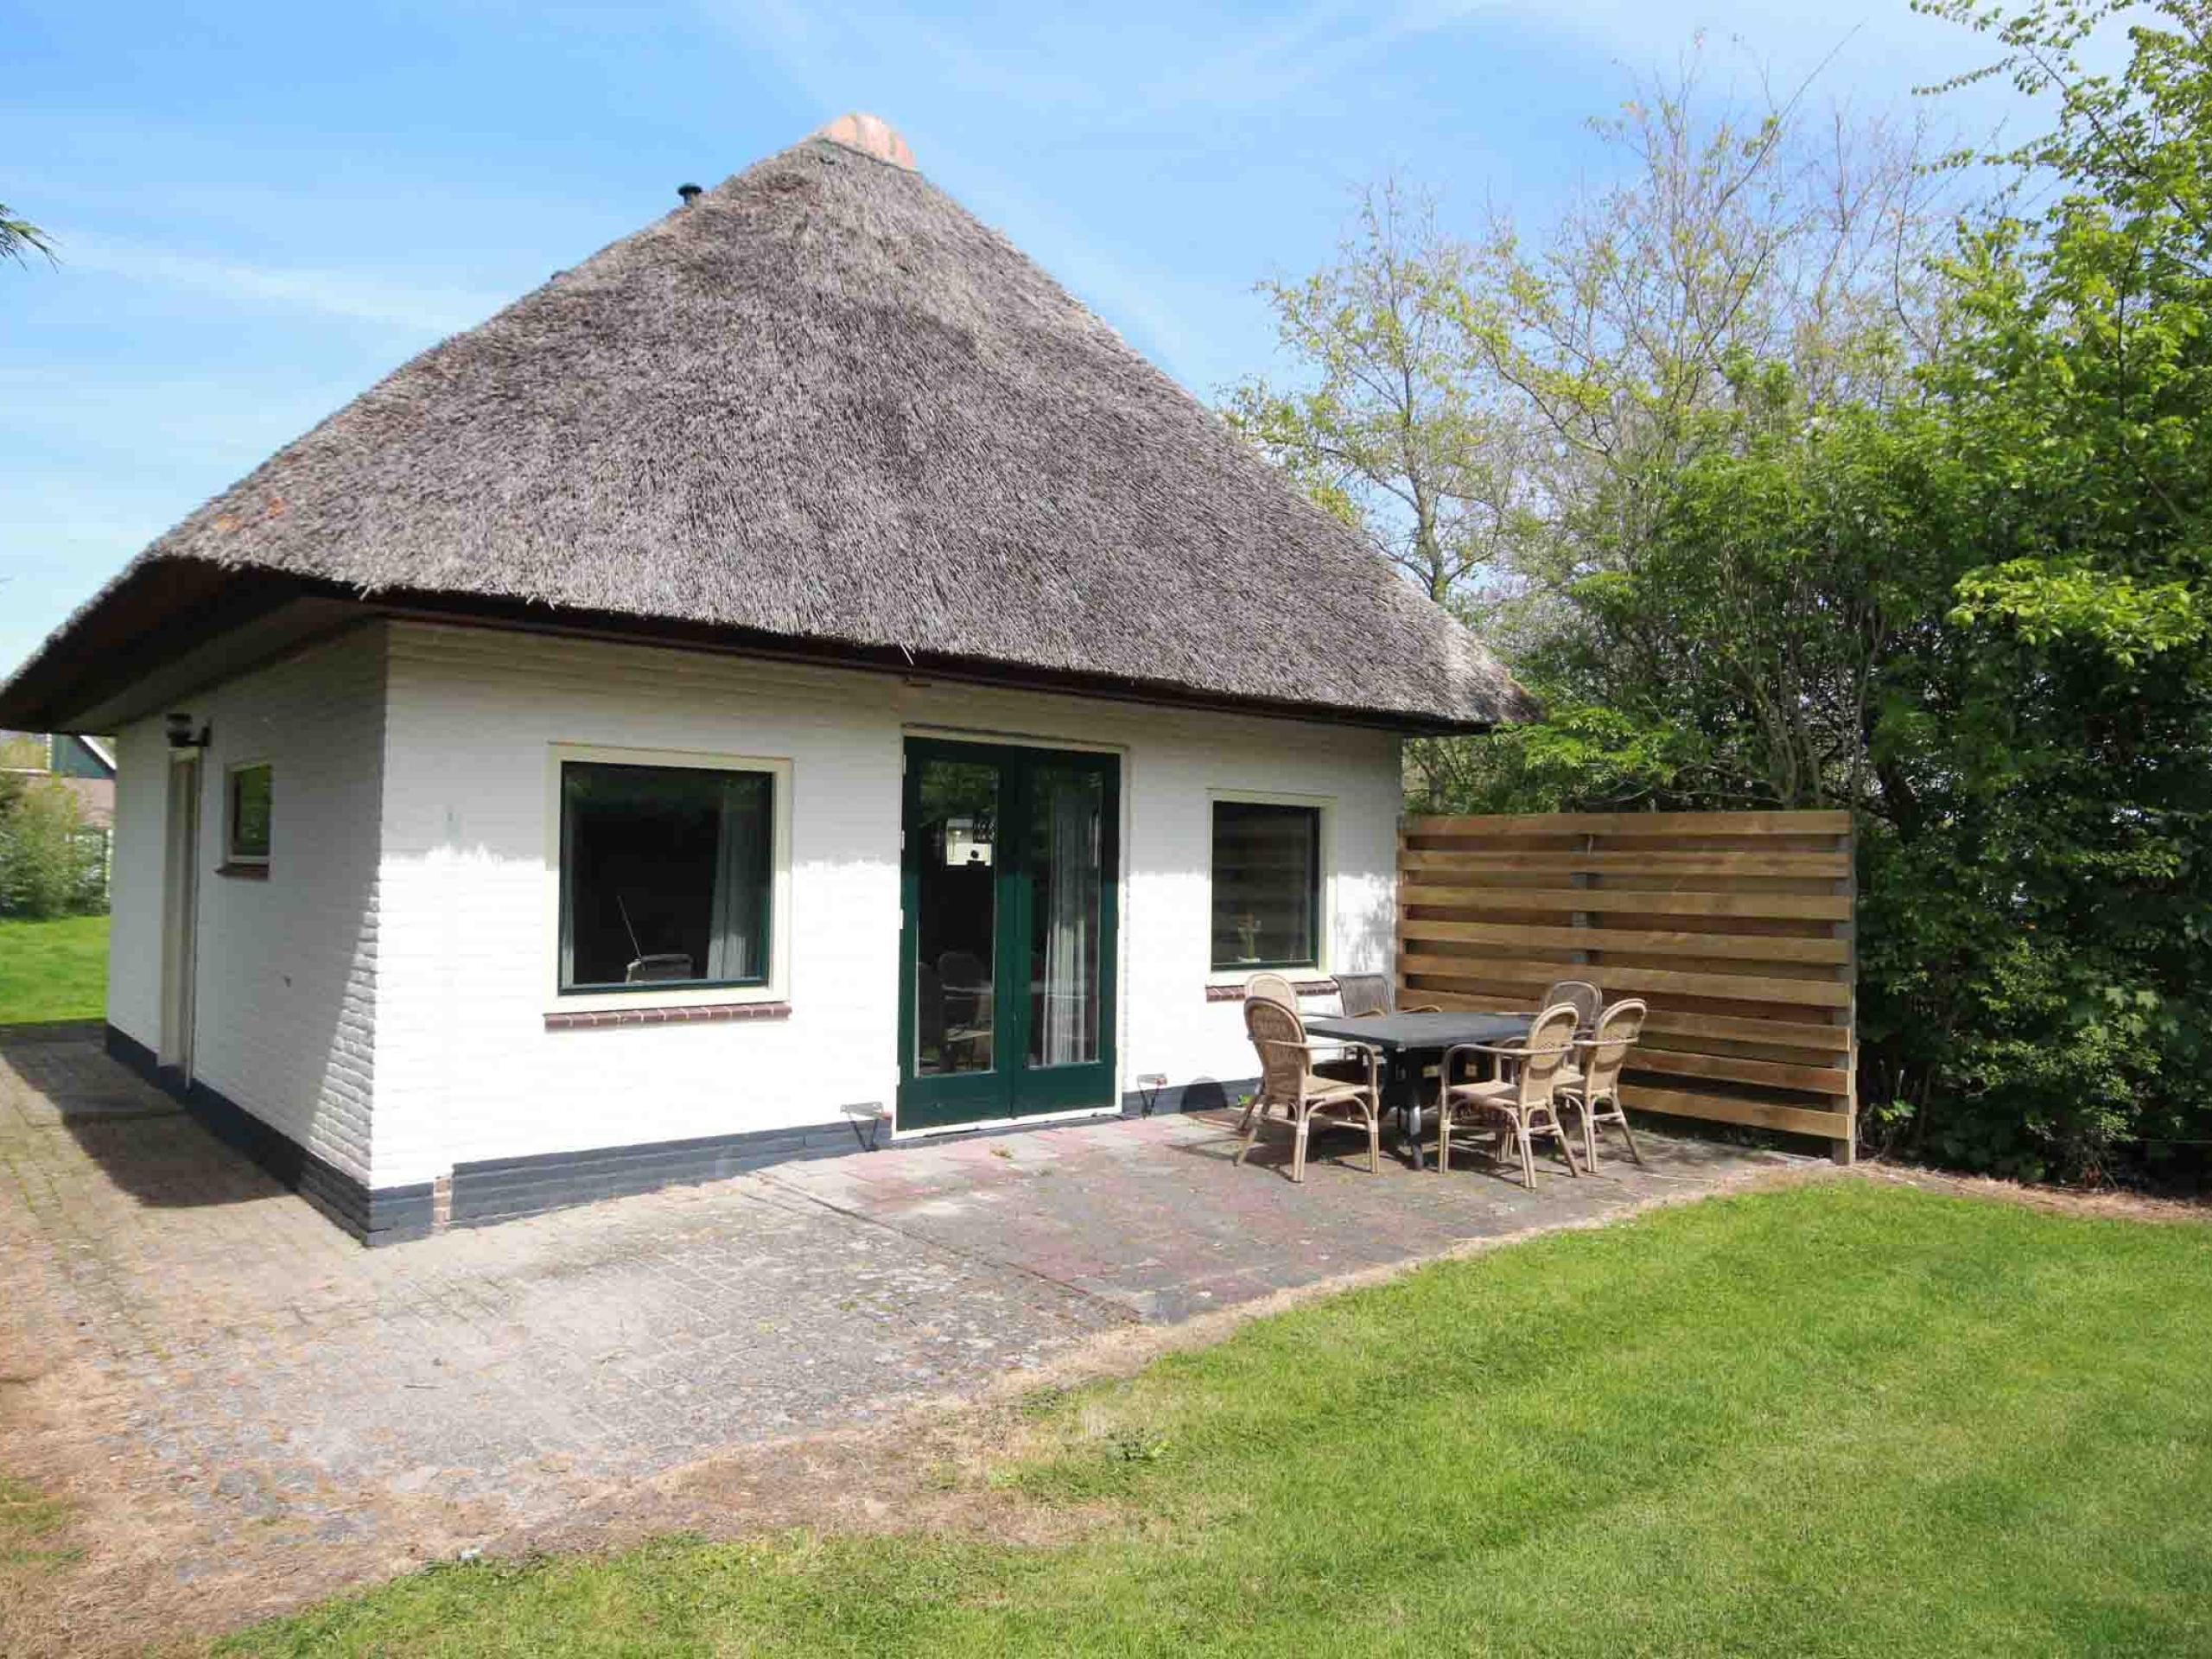 Ruim sfeervol vakantiehuis met ideale ligging buiten De Koog